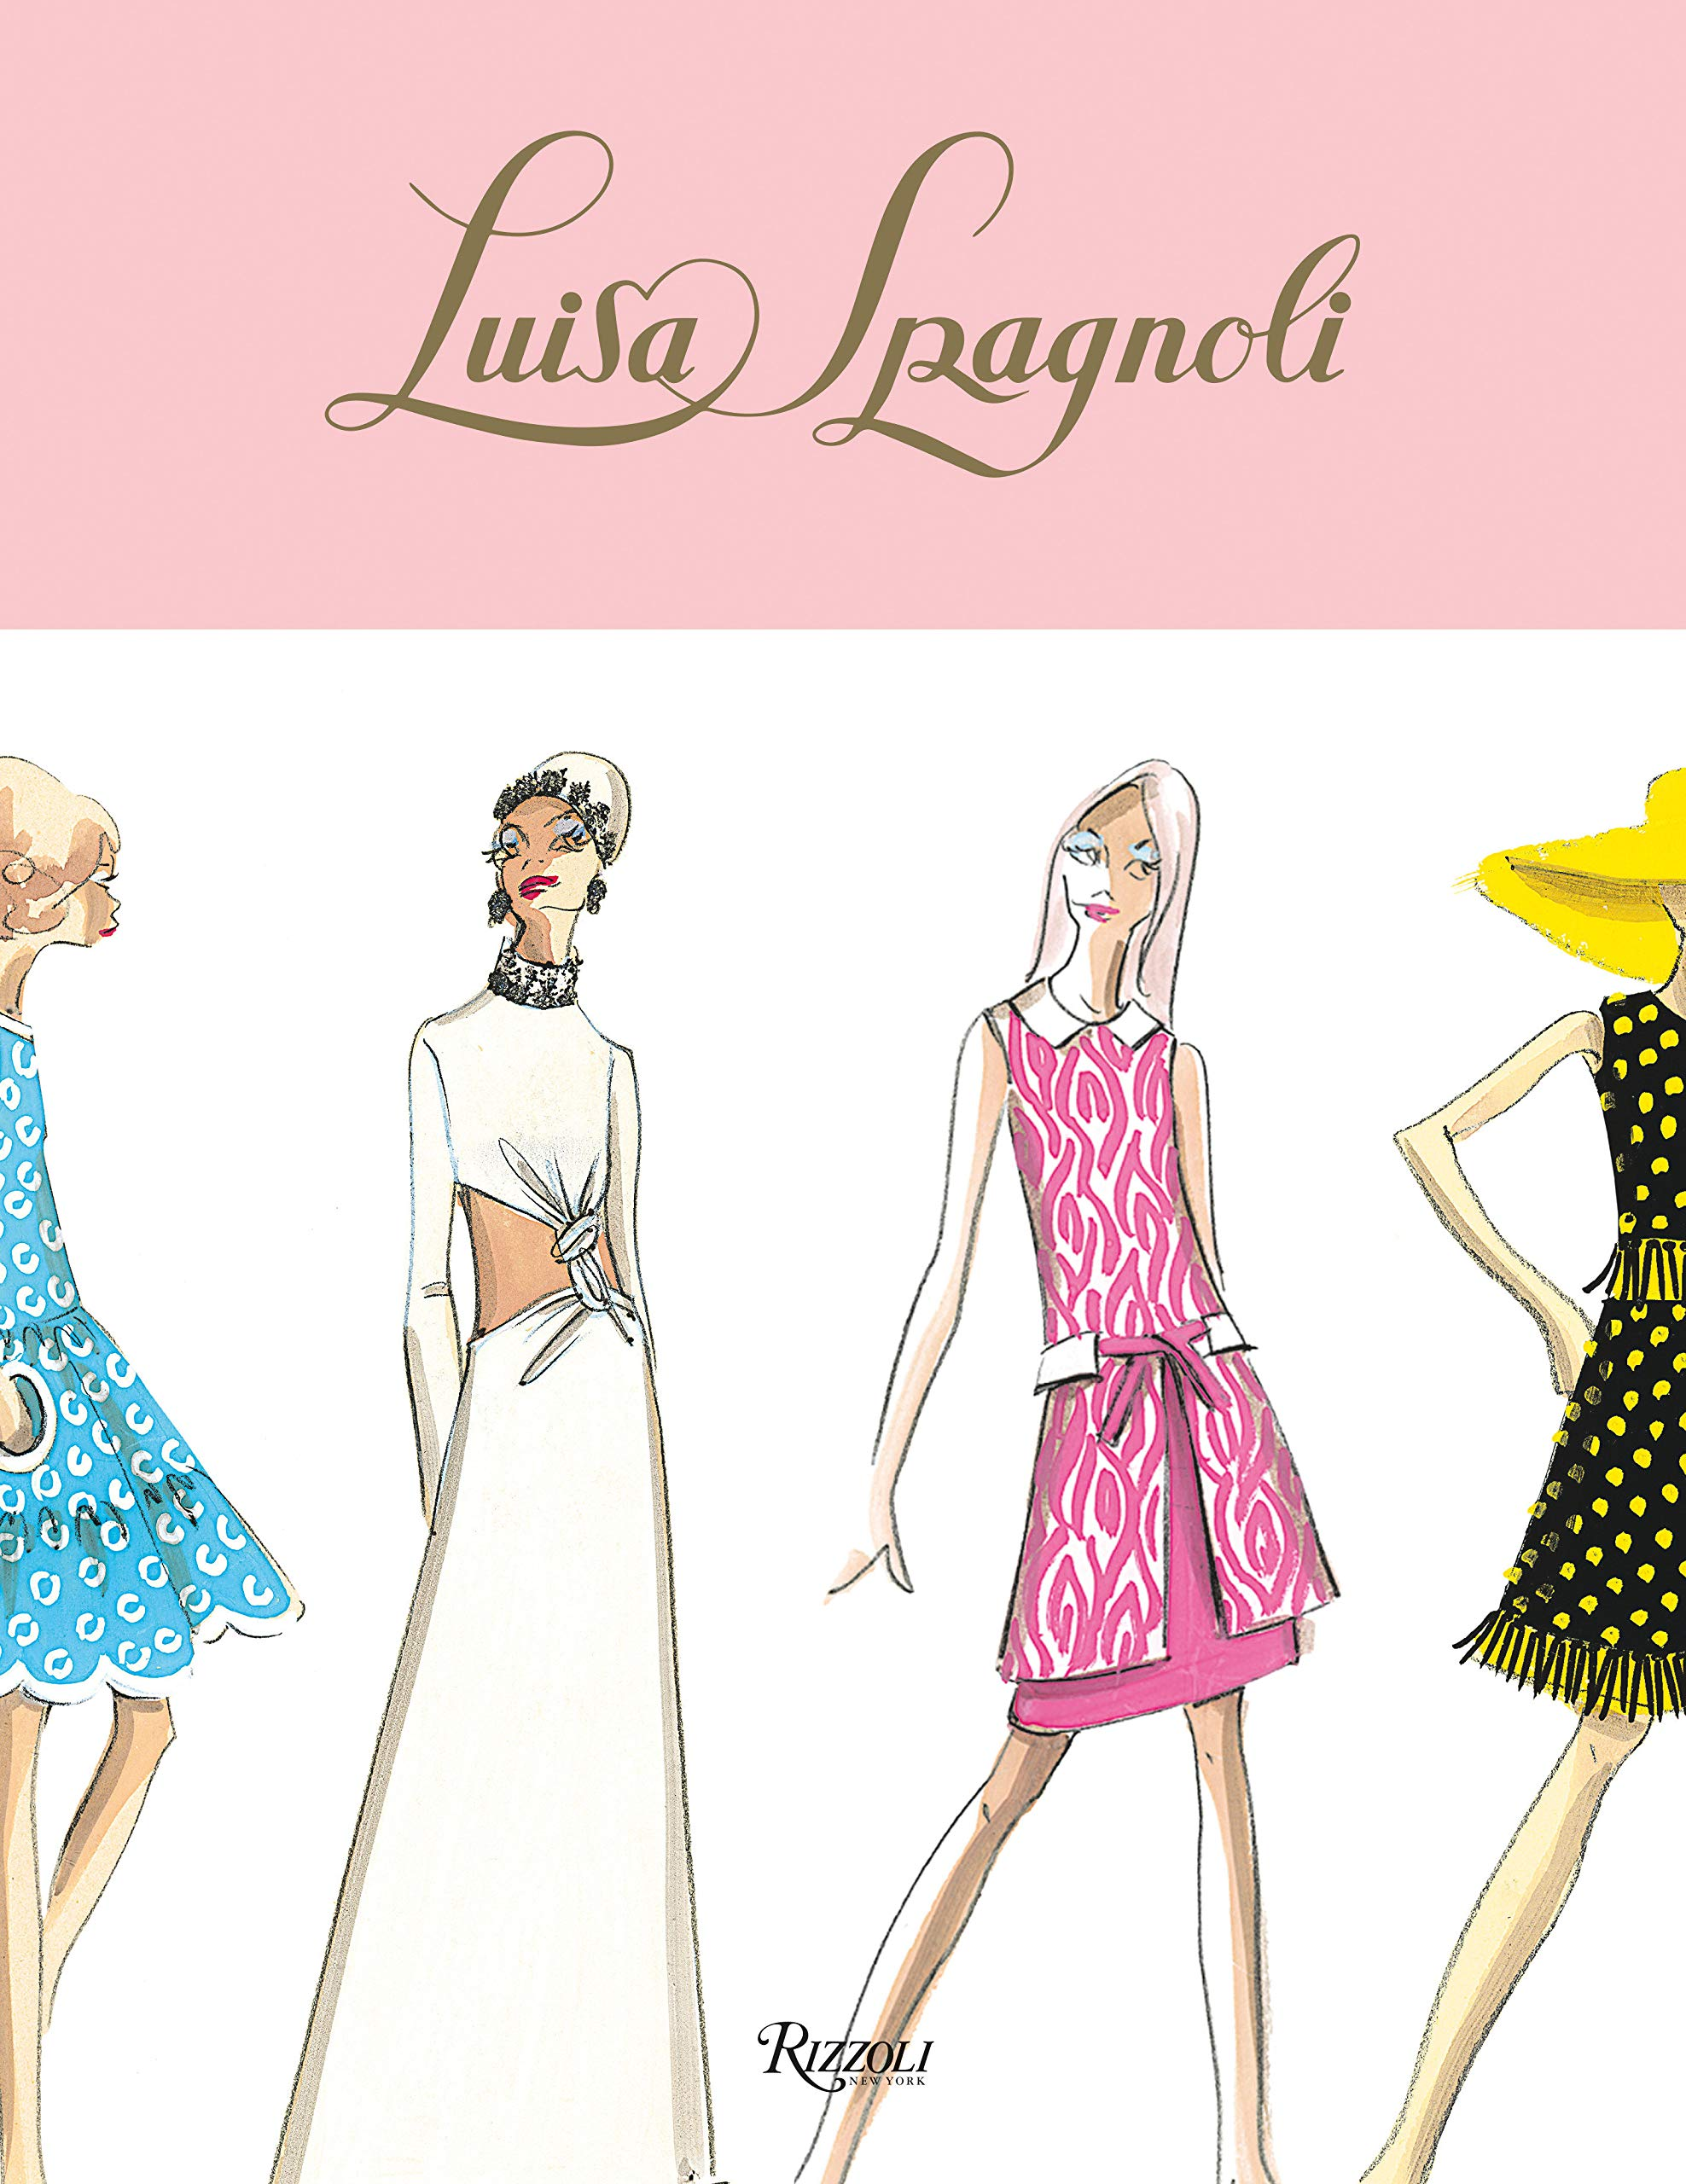 ac04fa3340e3 Luisa Spagnoli  90 Years of Style  Sofia Gnoli  9788891815293 ...